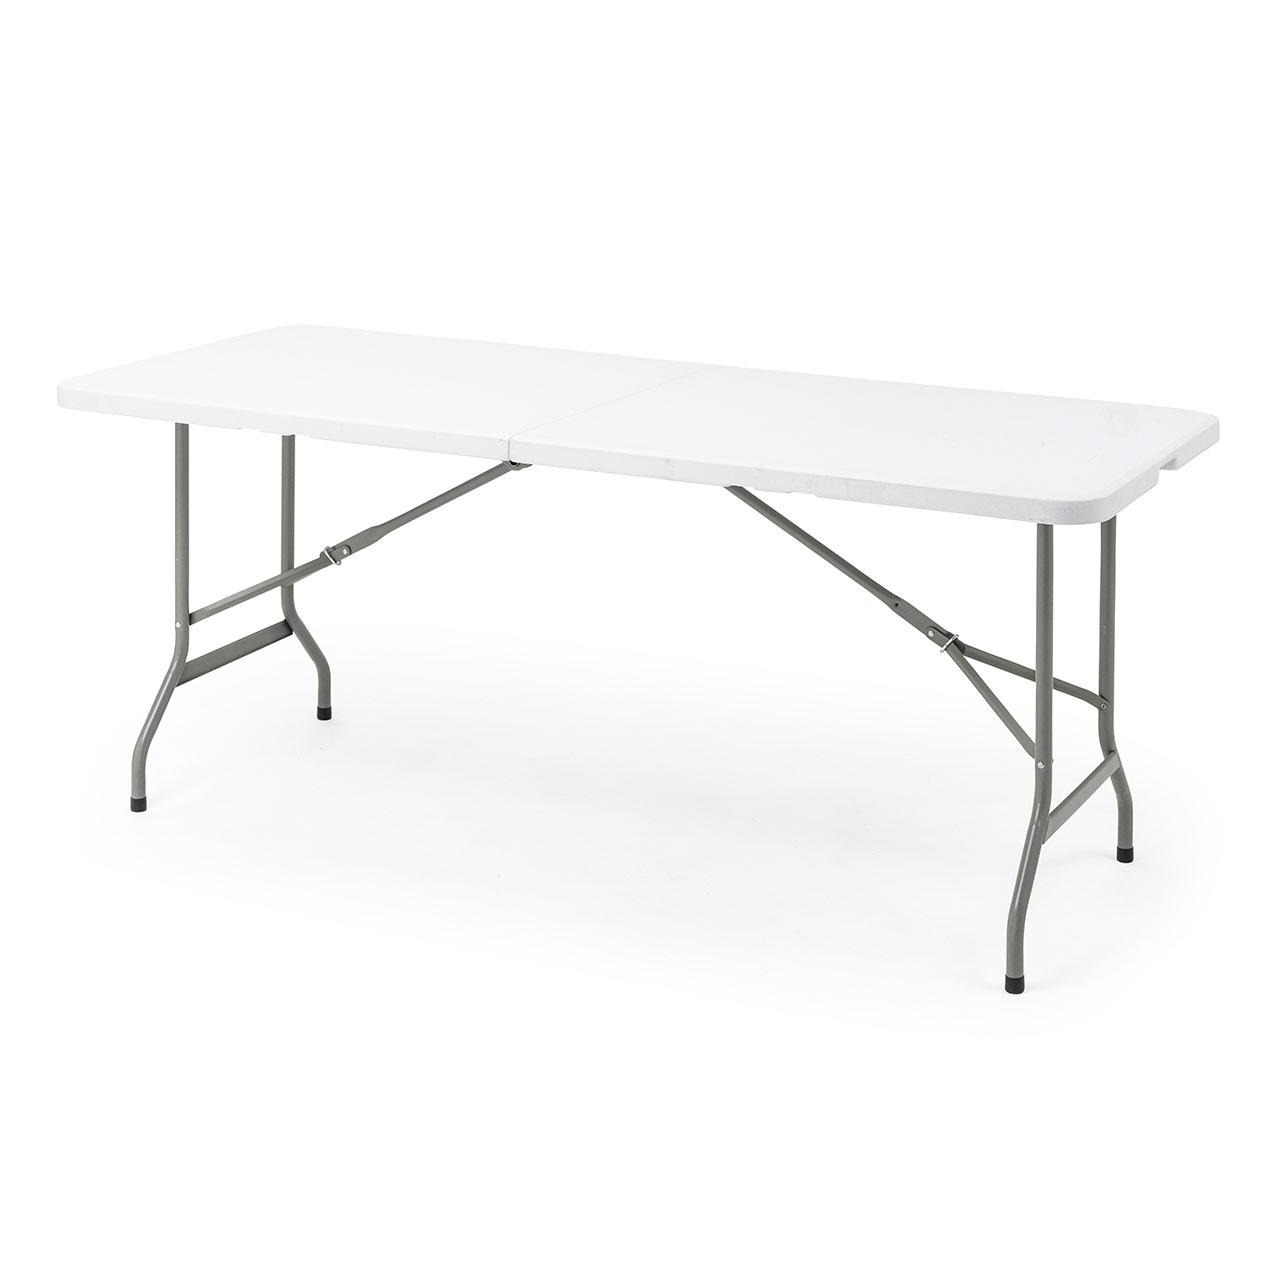 折り畳みデスク フォールディングテーブル 会議机 折りたたみテーブル 幅180cm 新作 樹脂天板 購買 奥行74cm 100-FD016W ホワイト 取っ手付き